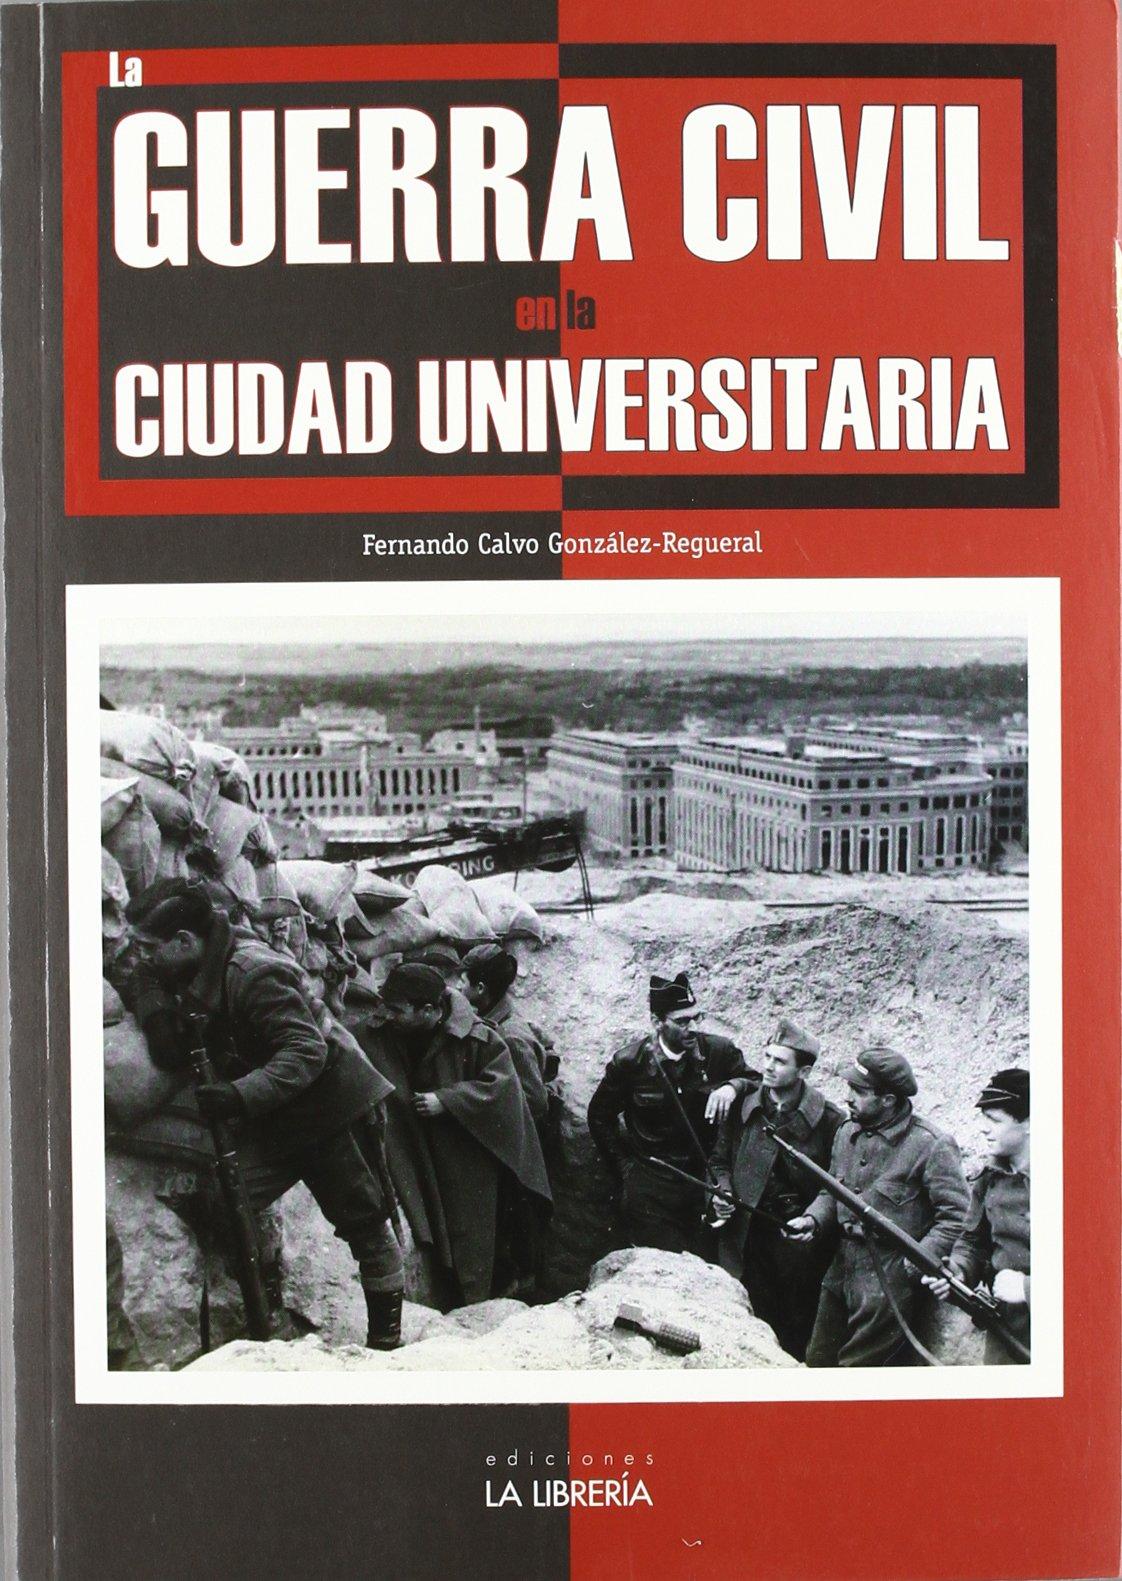 La Guerra Civil en la Ciudad Universitaria: Amazon.es: Calvo González-Regueral, Fernando: Libros